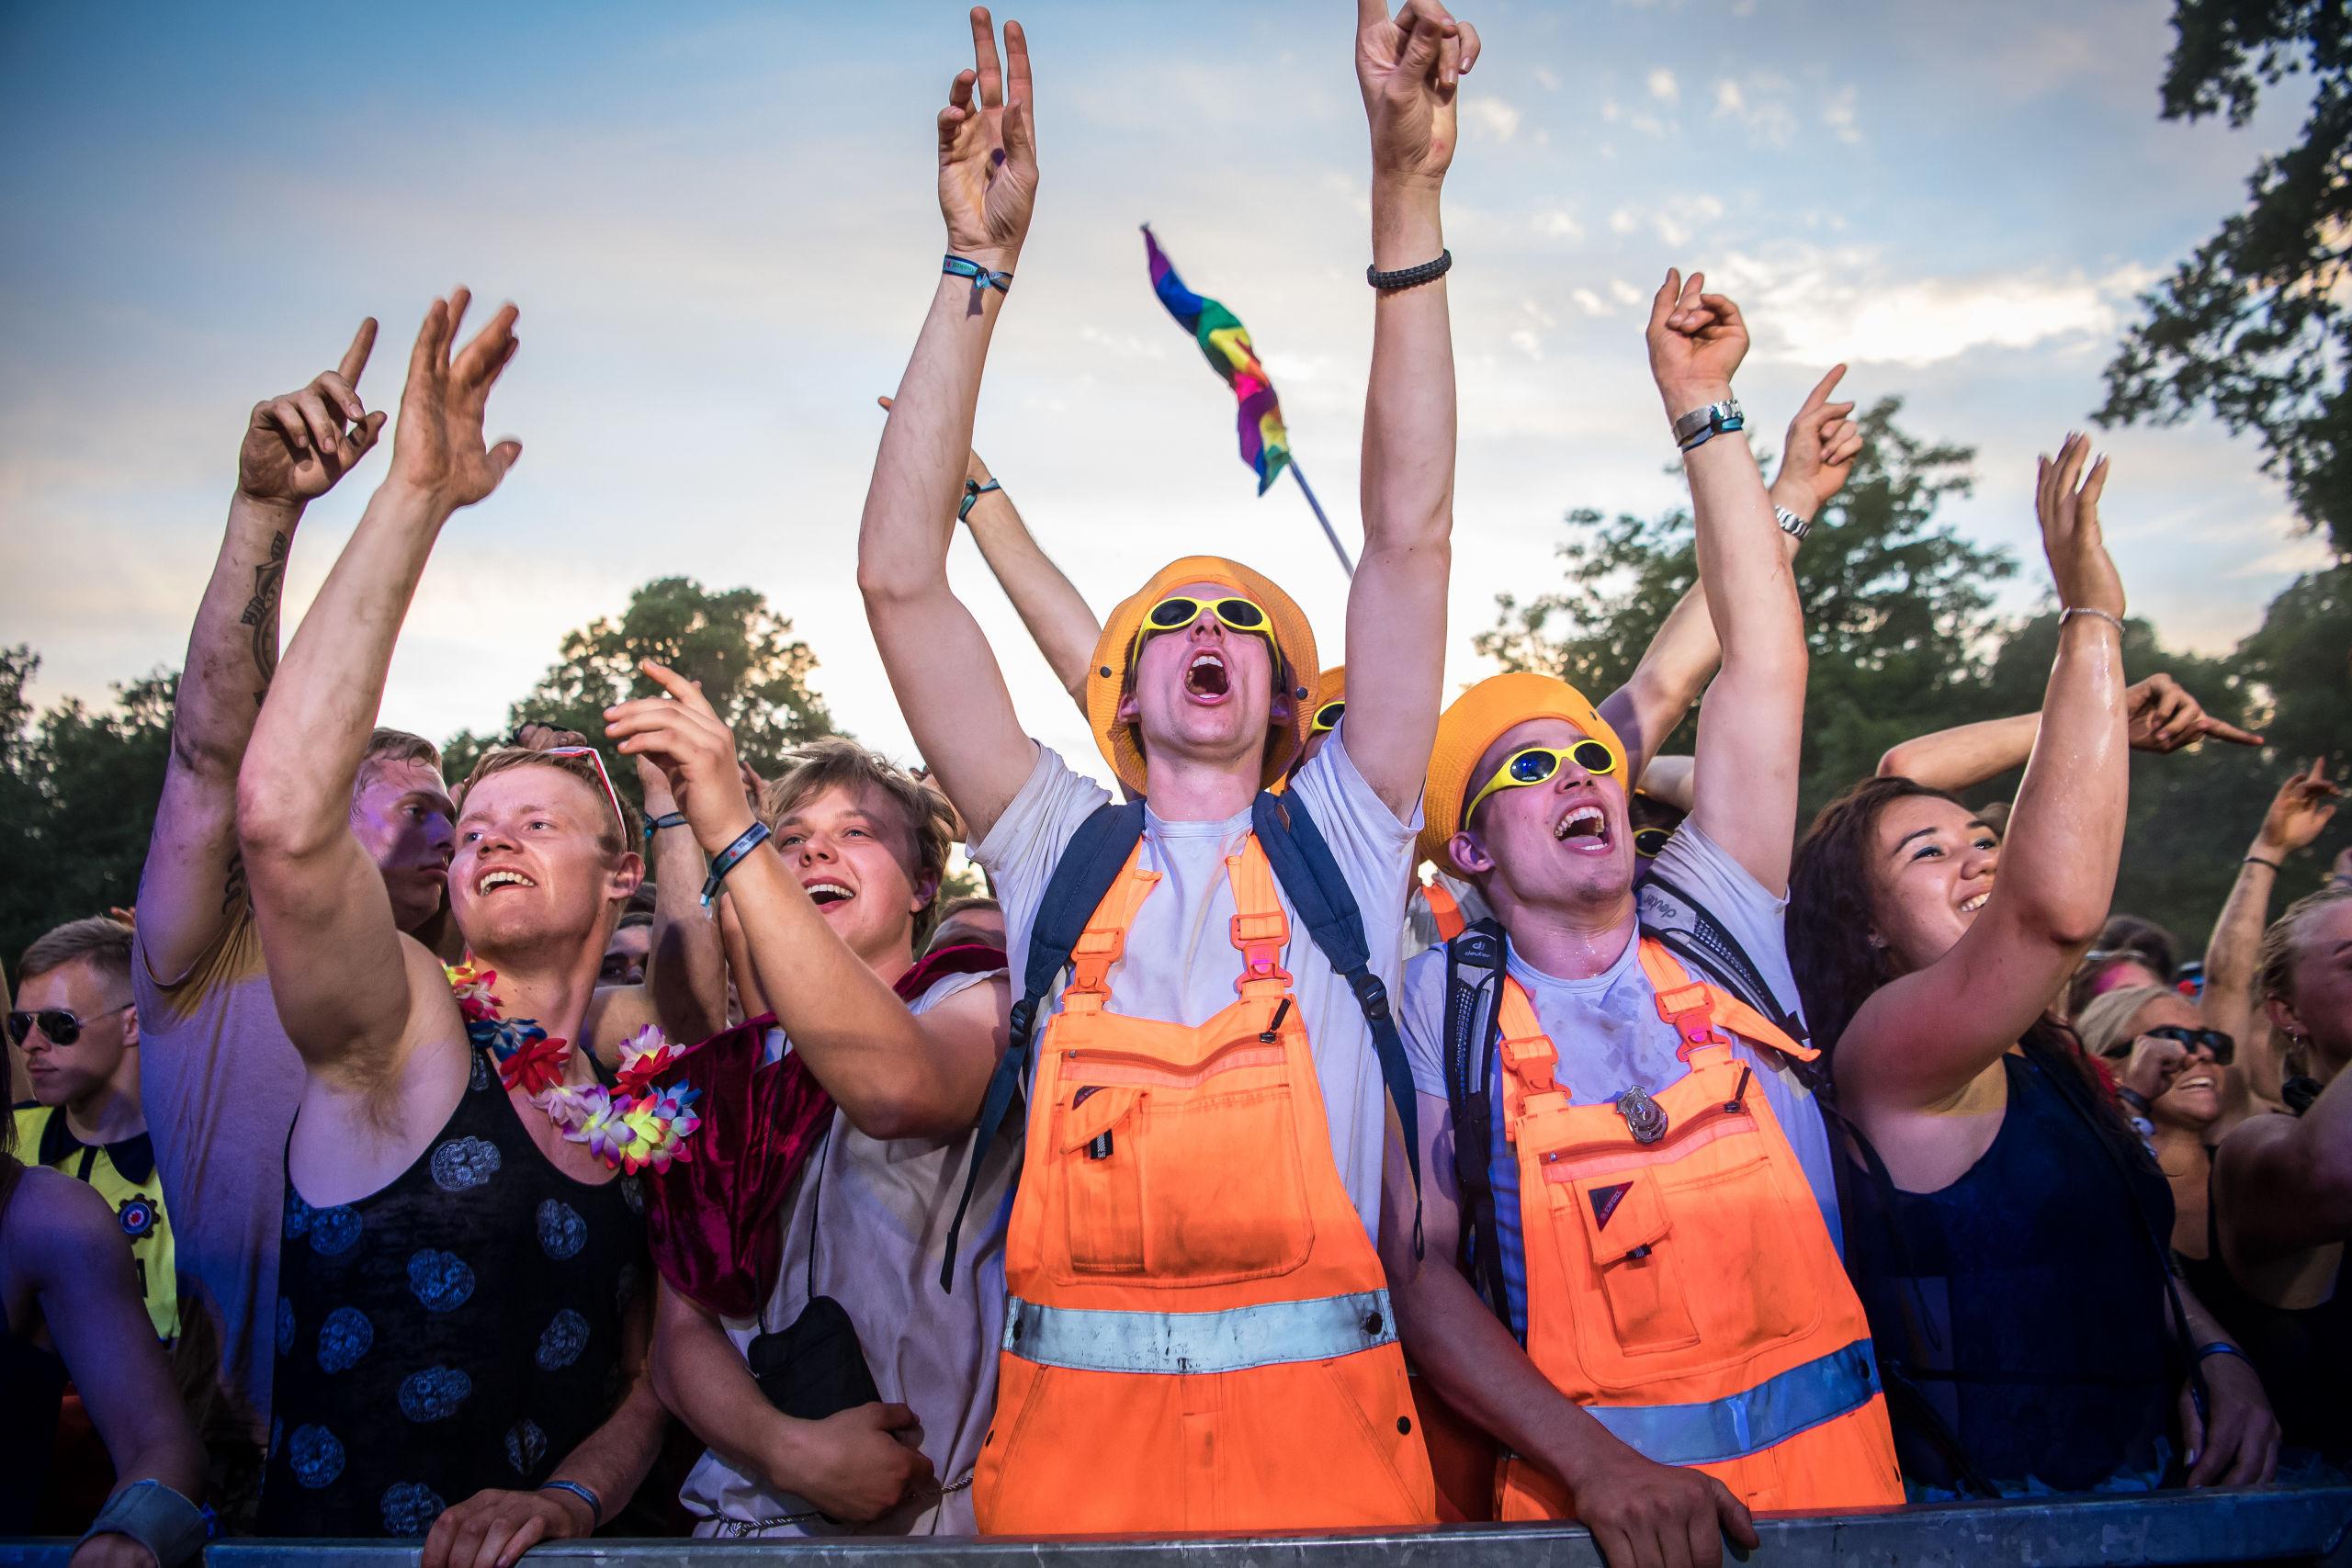 Karneval får elektronisk scene med Aalborg-djs